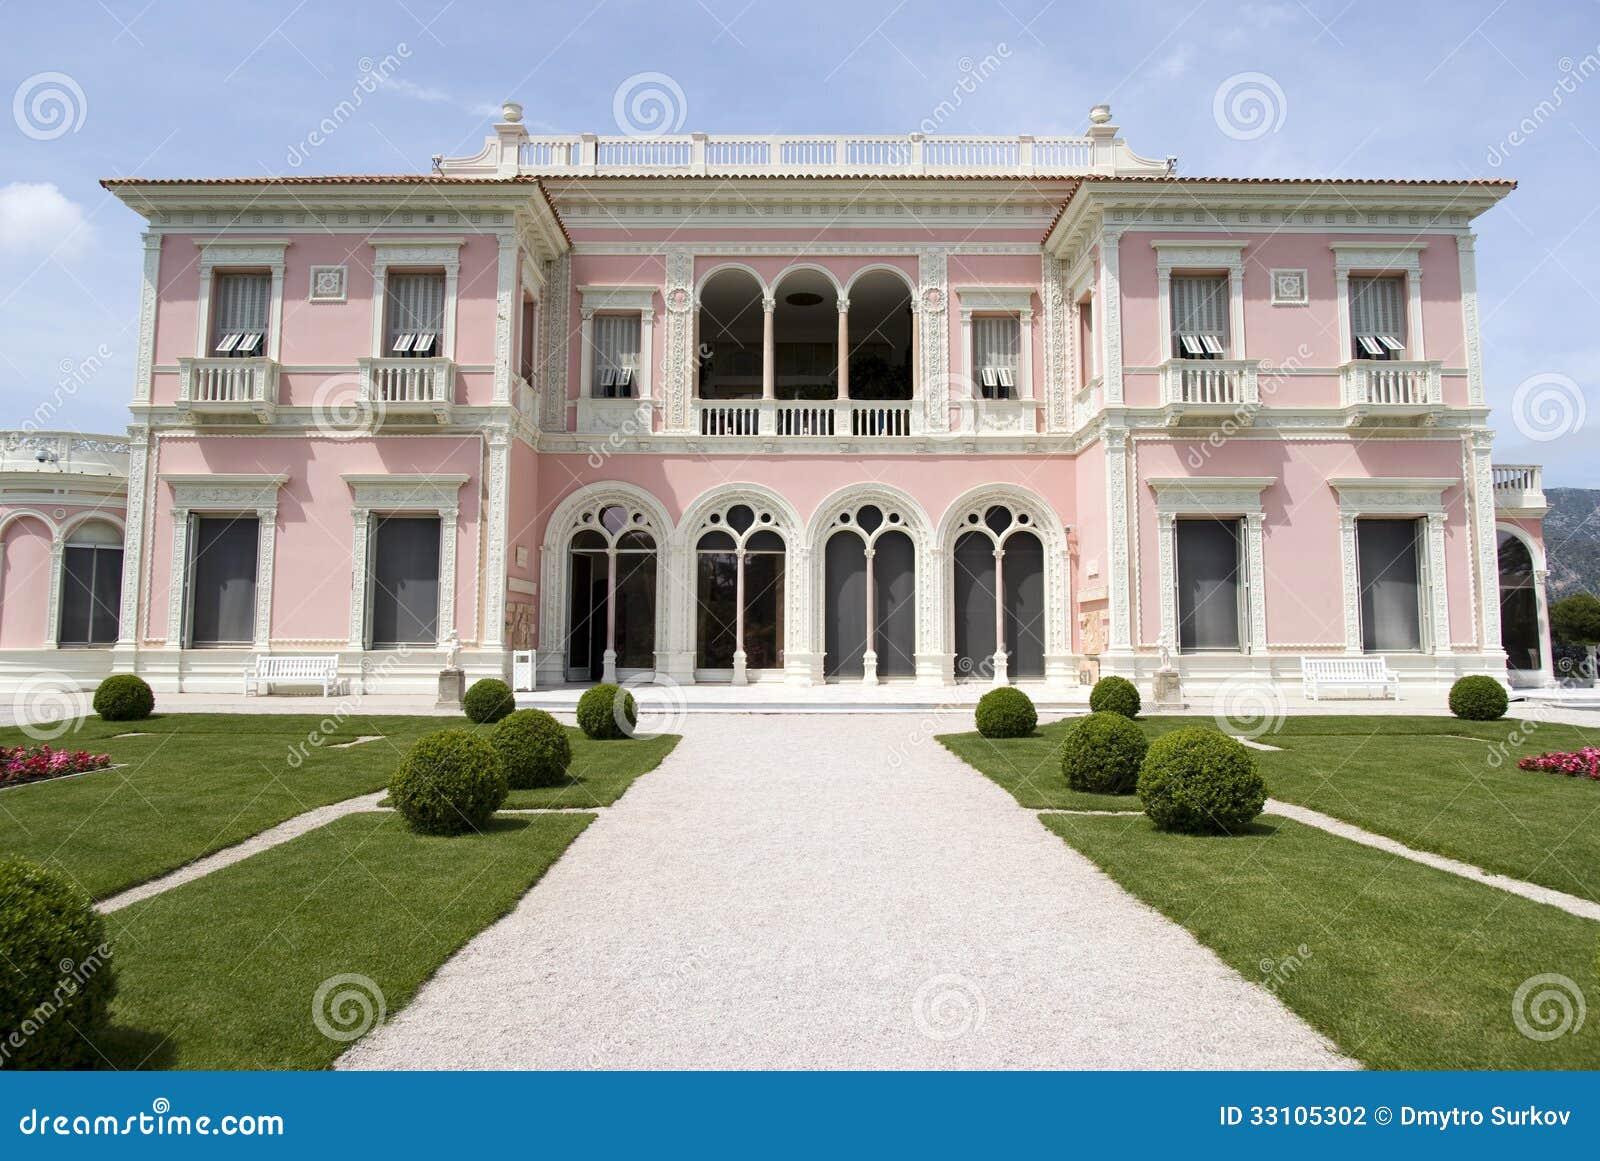 Vista dianteira da casa de campo Ephrussi de Rothschild